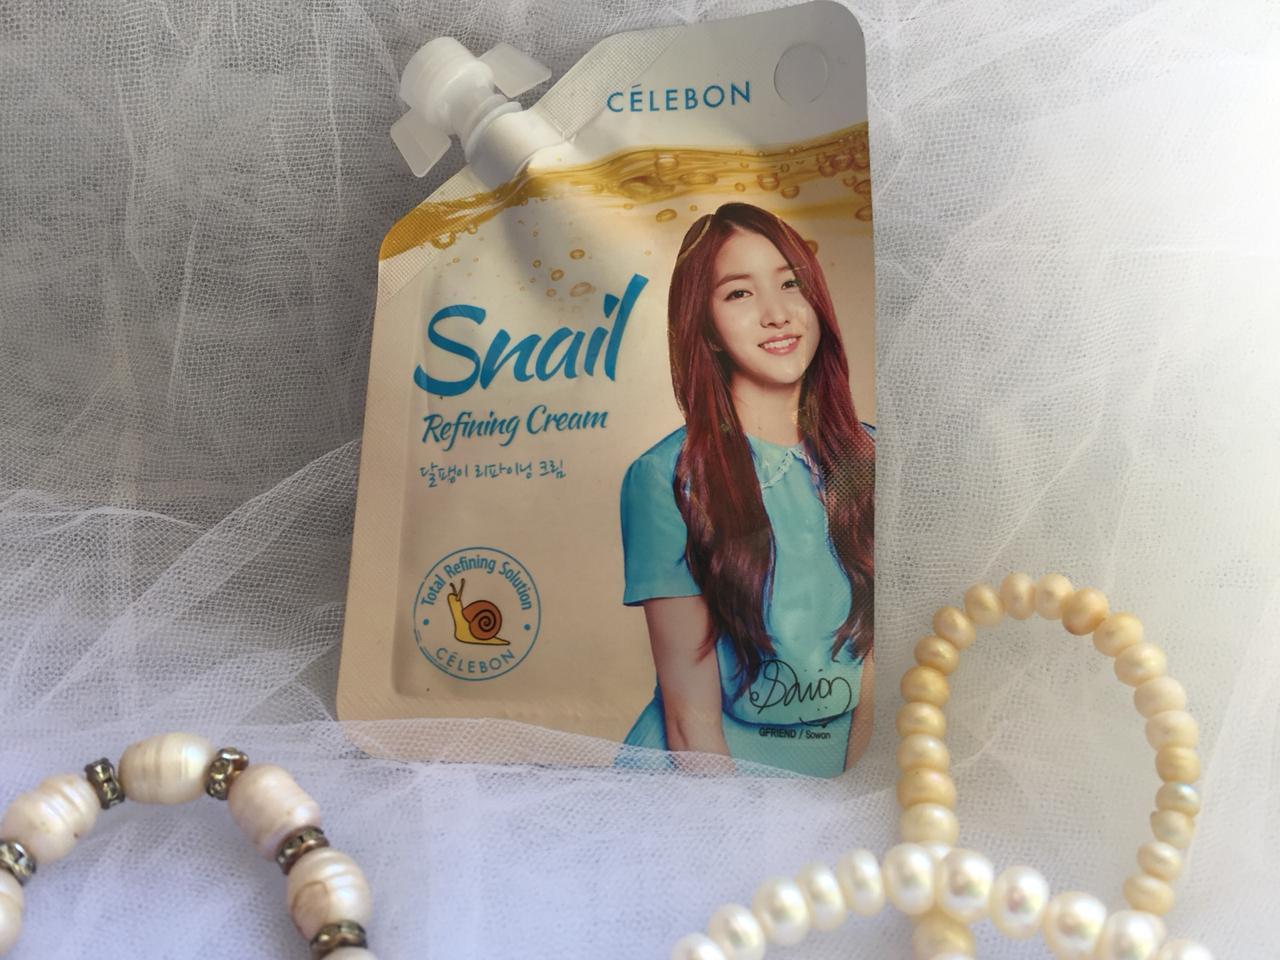 gambar review ke-1 untuk Celebon Snail Cream